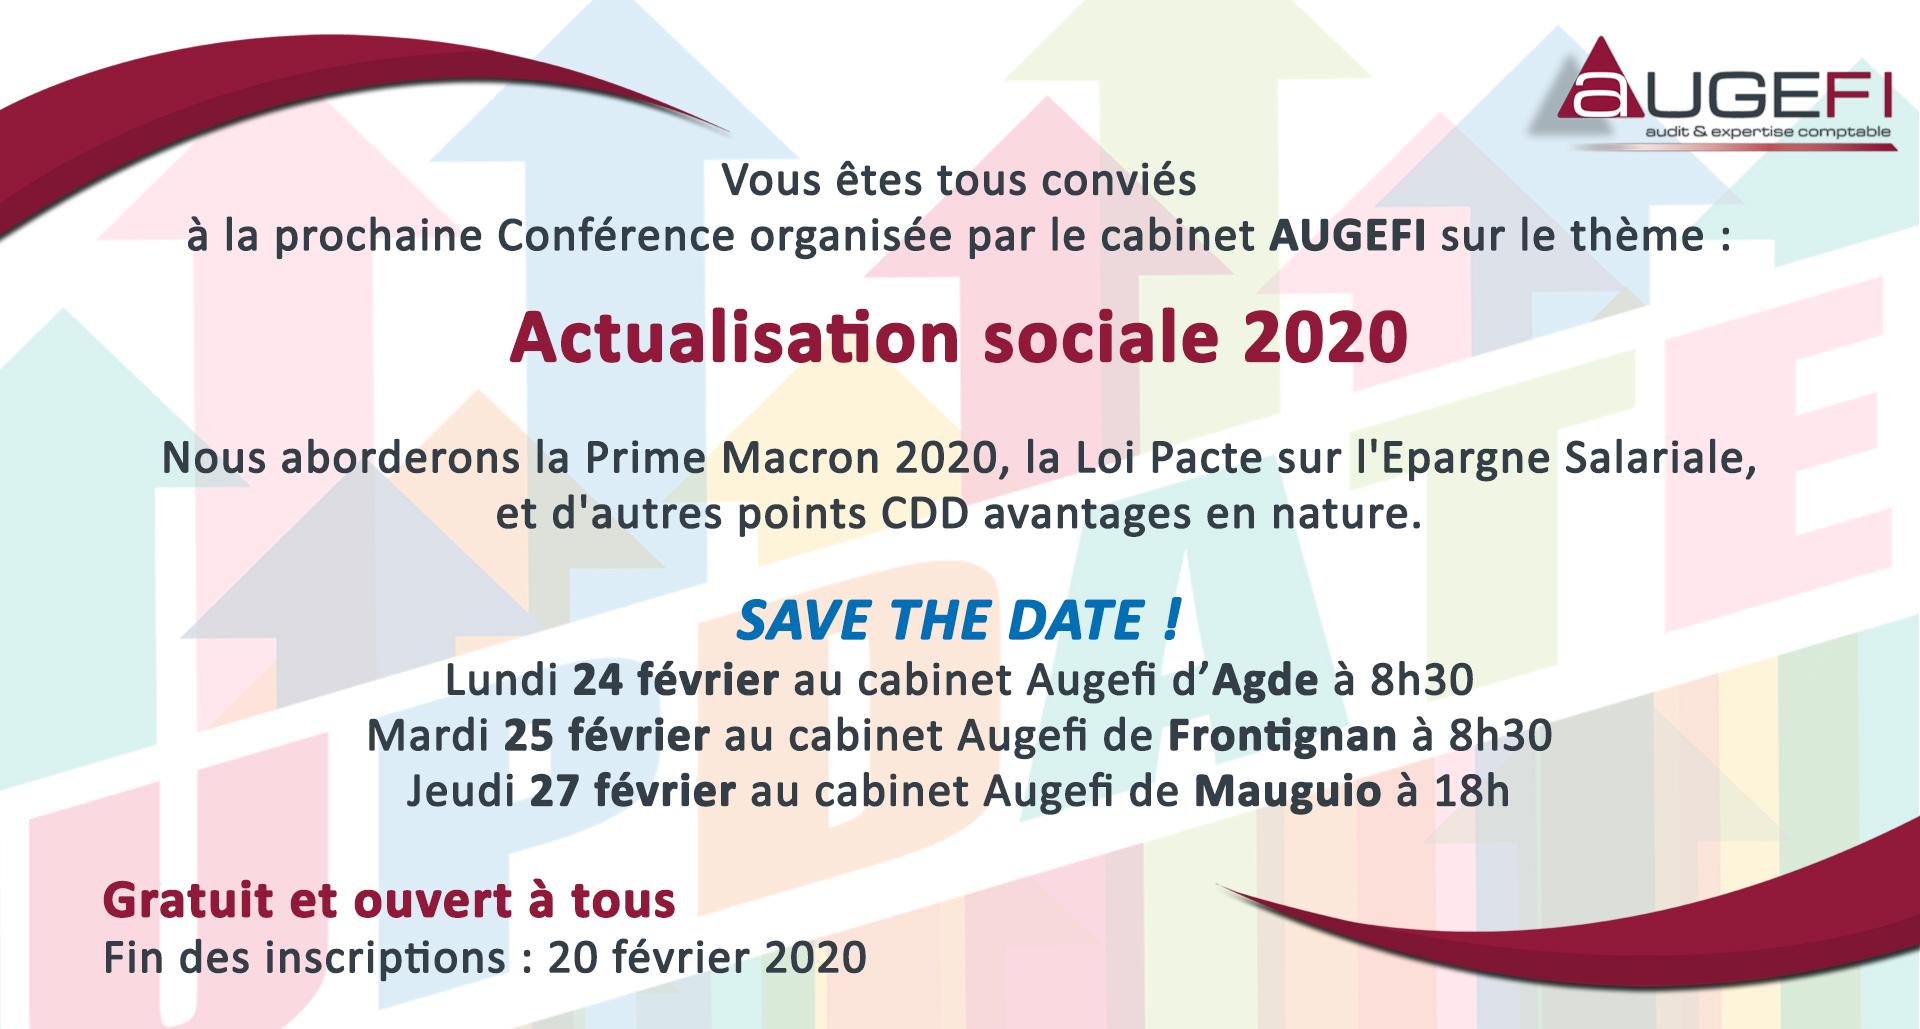 Conférence Actualisation sociale 2020